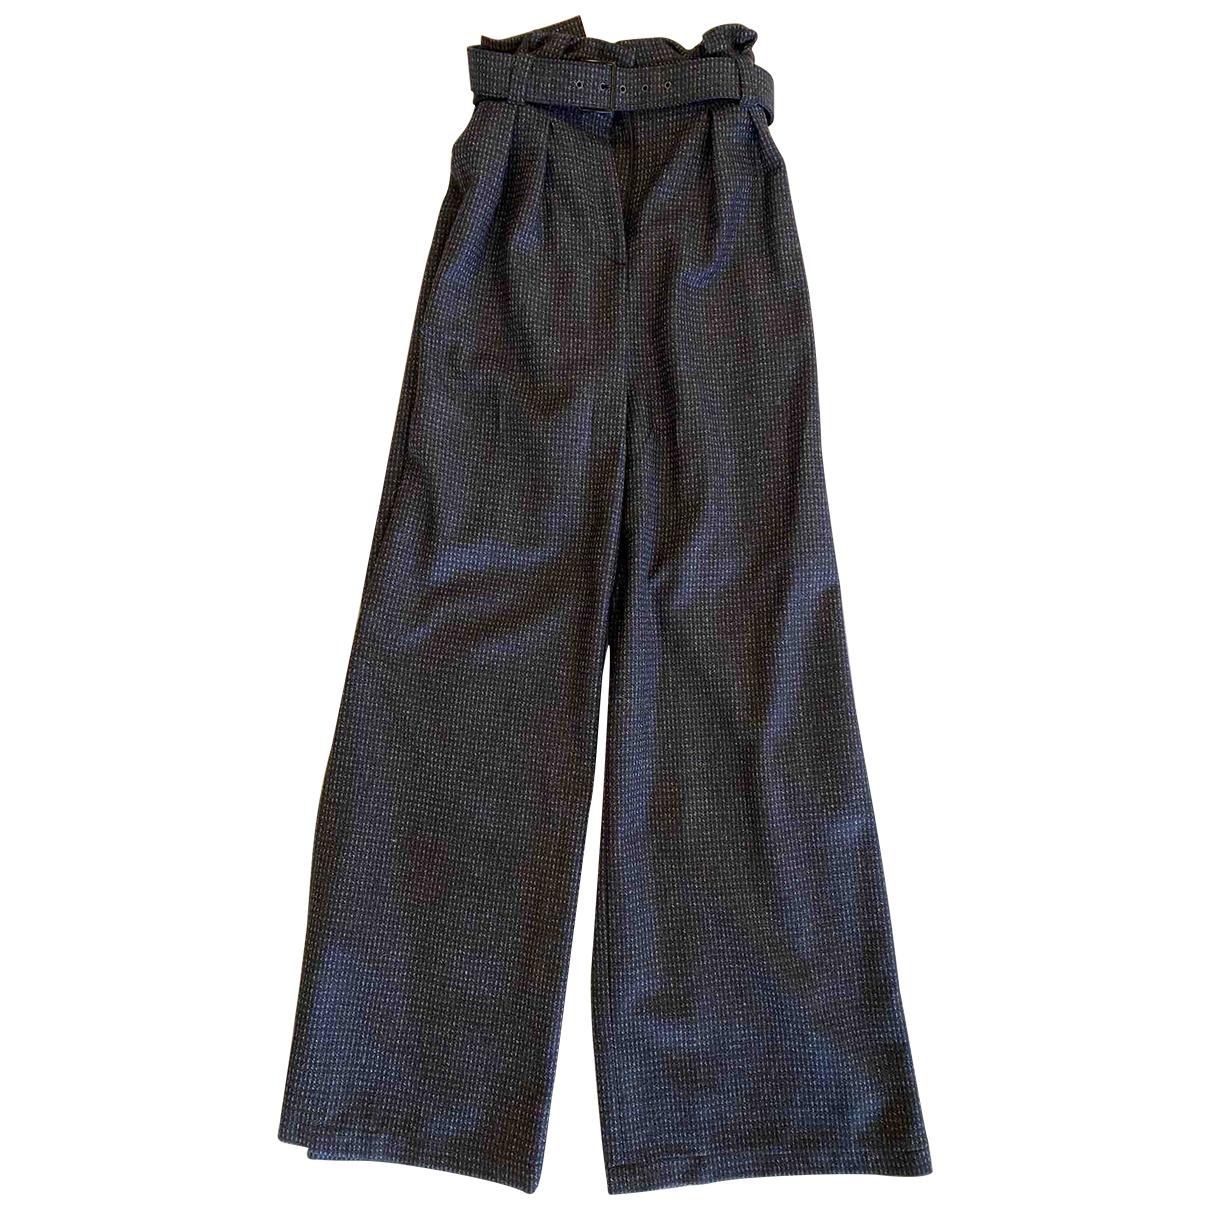 Pantalon de Lana Bally